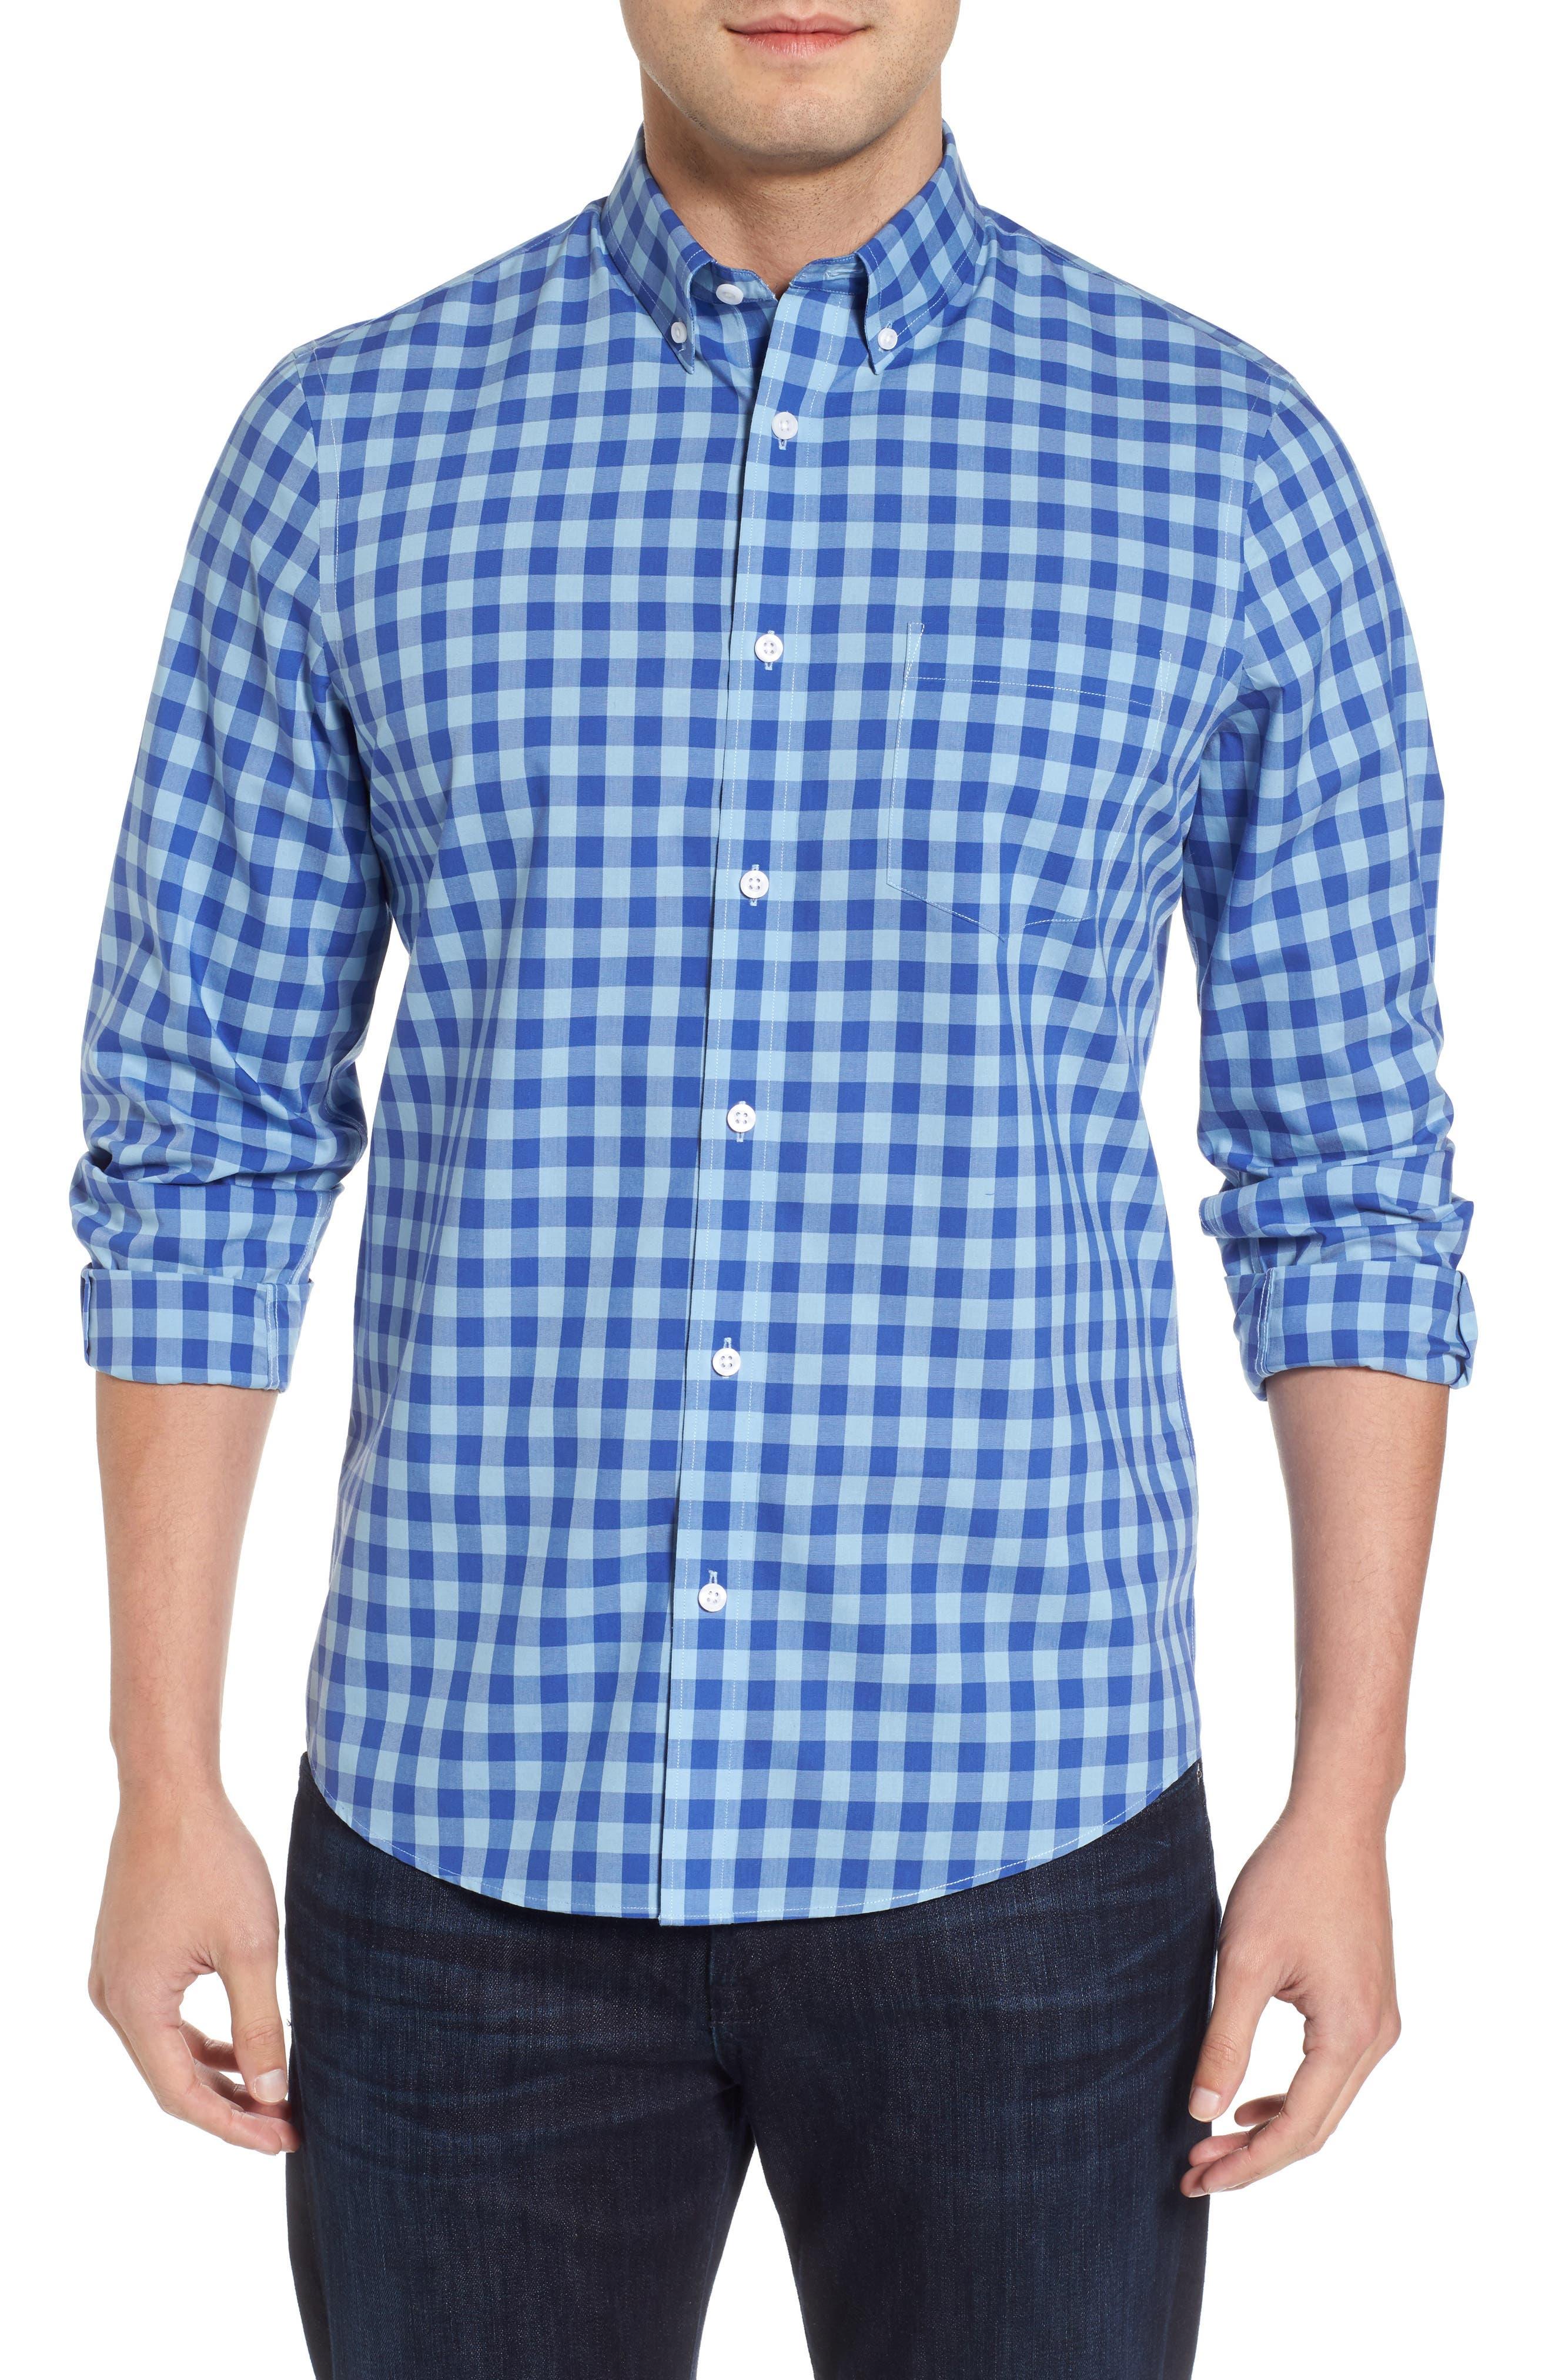 Nordstrom Men's Shop Regular Fit Gingham Sport Shirt